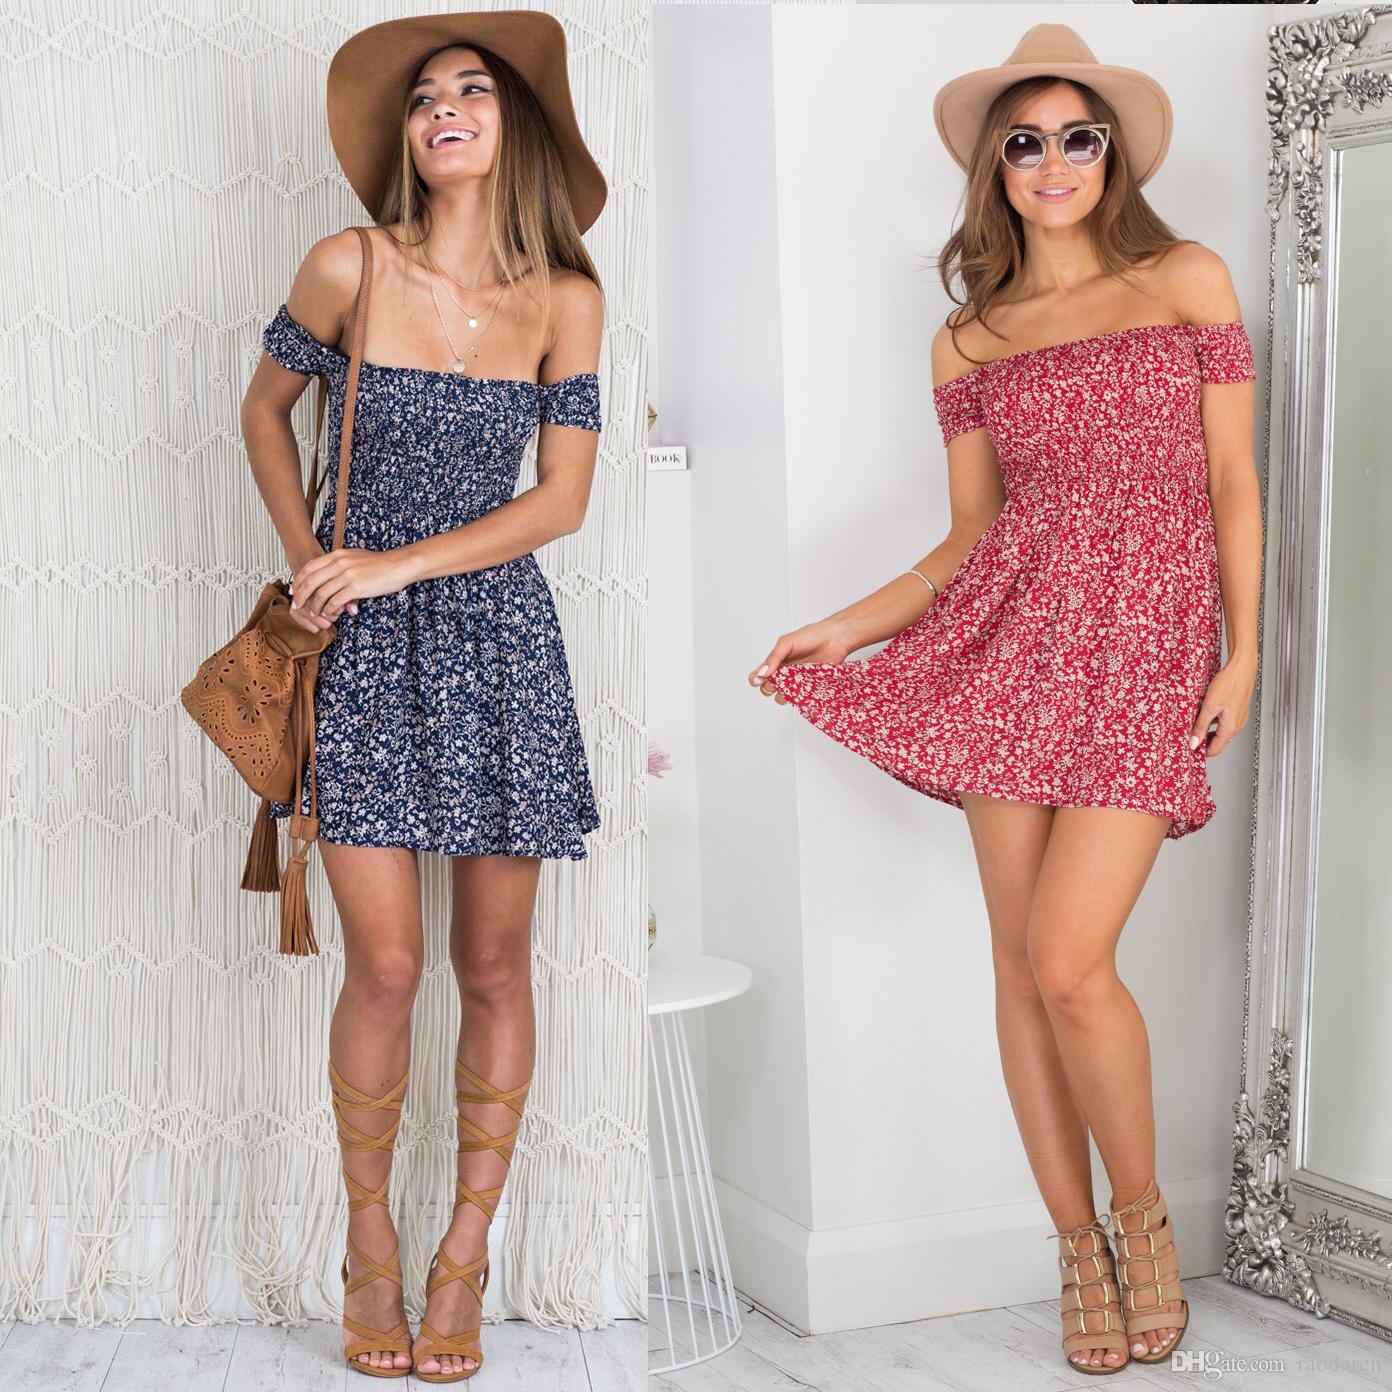 Compre Vestido De Verano De Las Mujeres 2018 Casual Plus Size Beach Party  Holiday Sexy Cuello De Mujer Floral Estampado Floral Elegante A  11.51 Del  ... 827d4d15c6c6